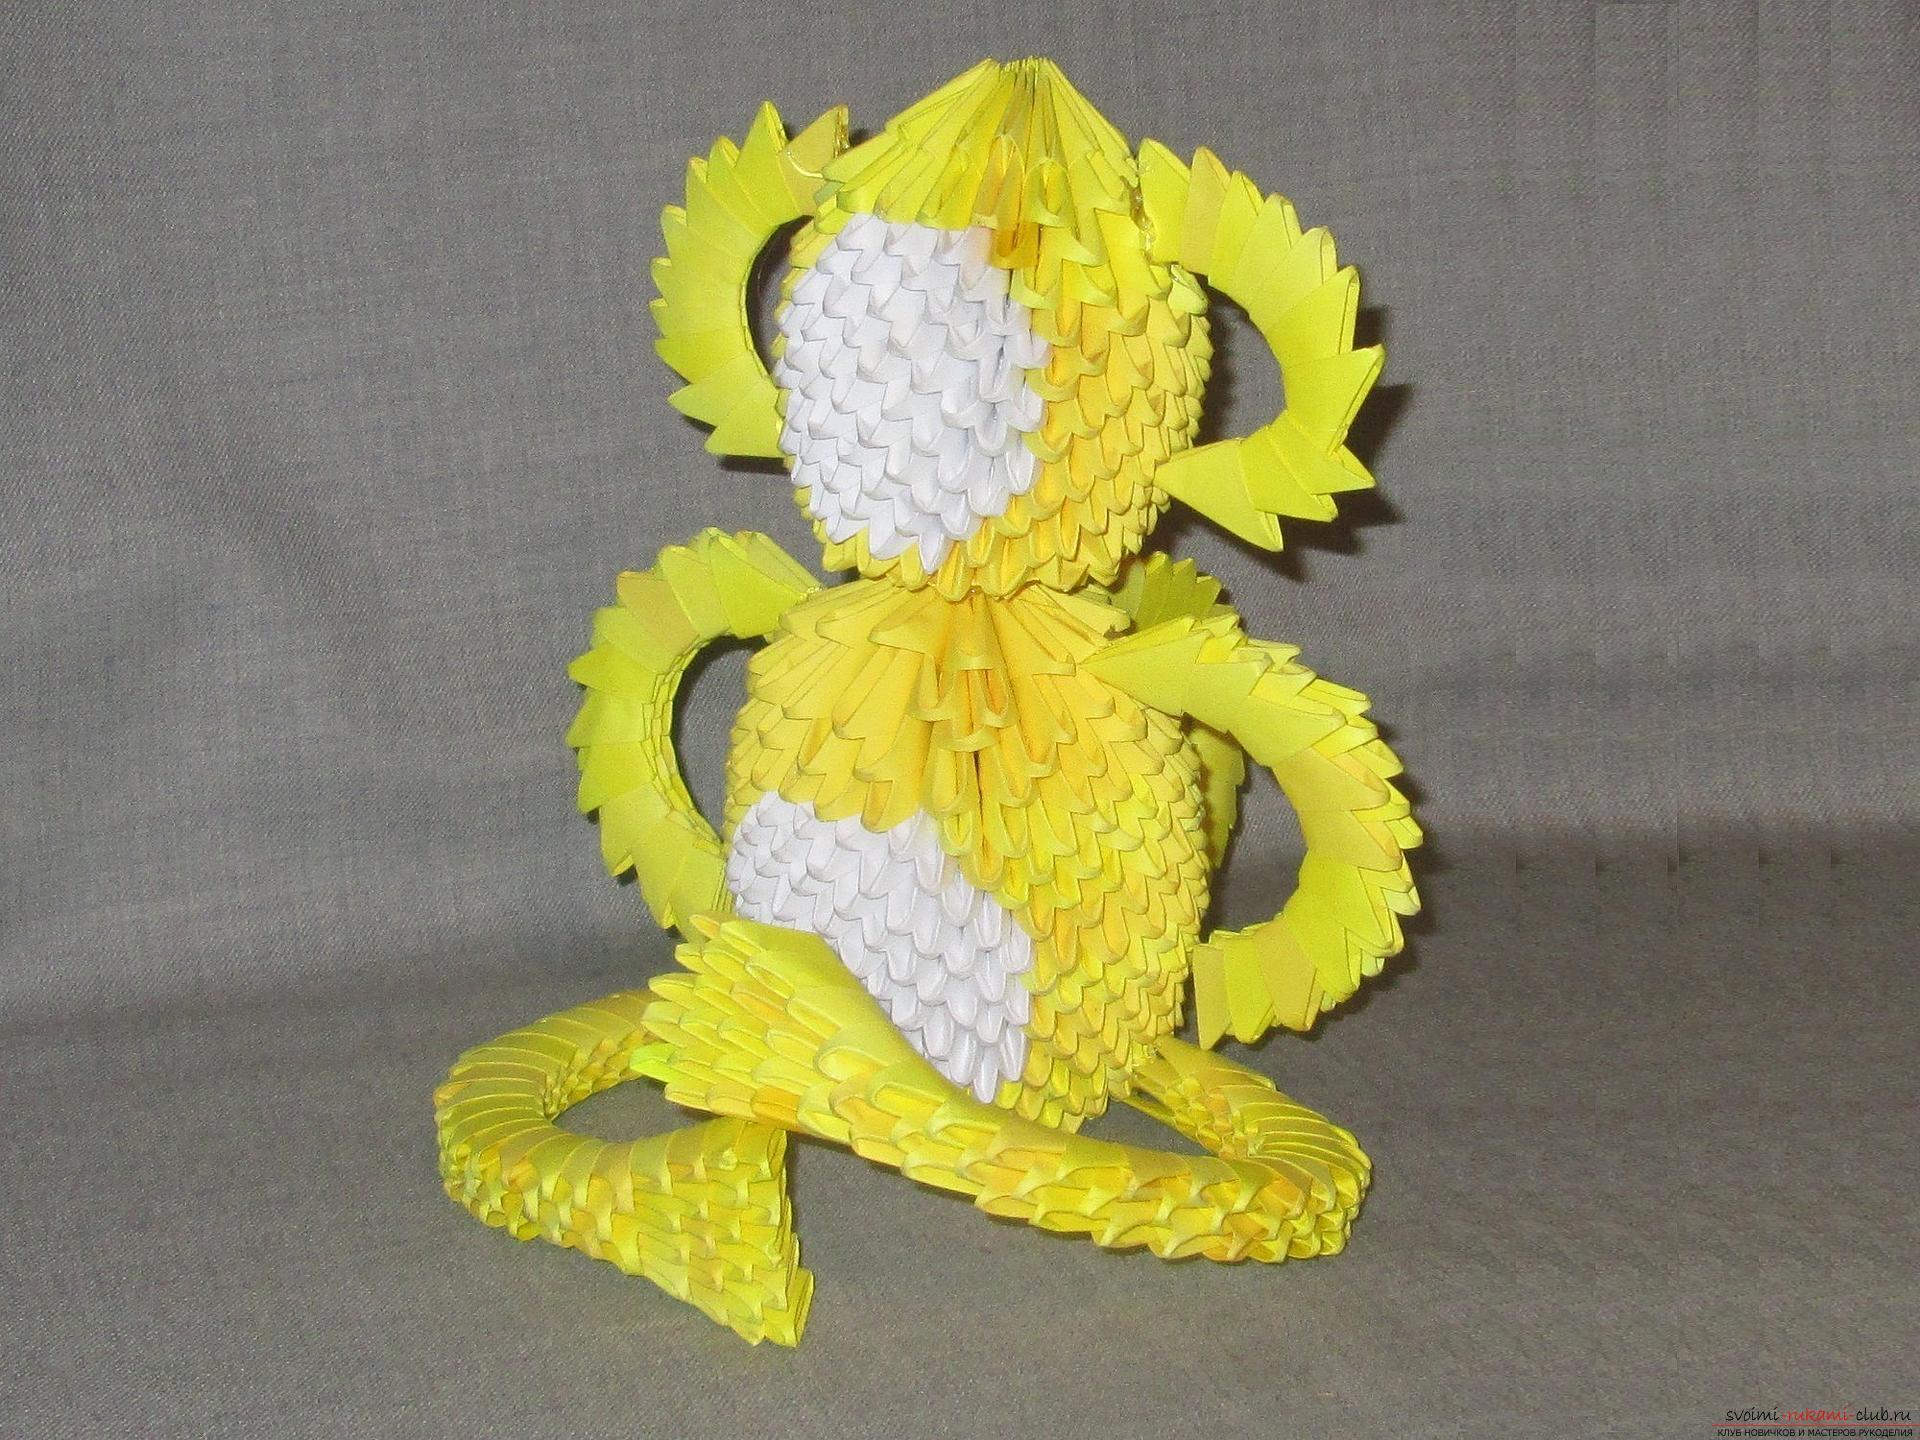 Мастер-класс с описанием и фото оригами своими руками – модульная обезьяна.. Фото №34